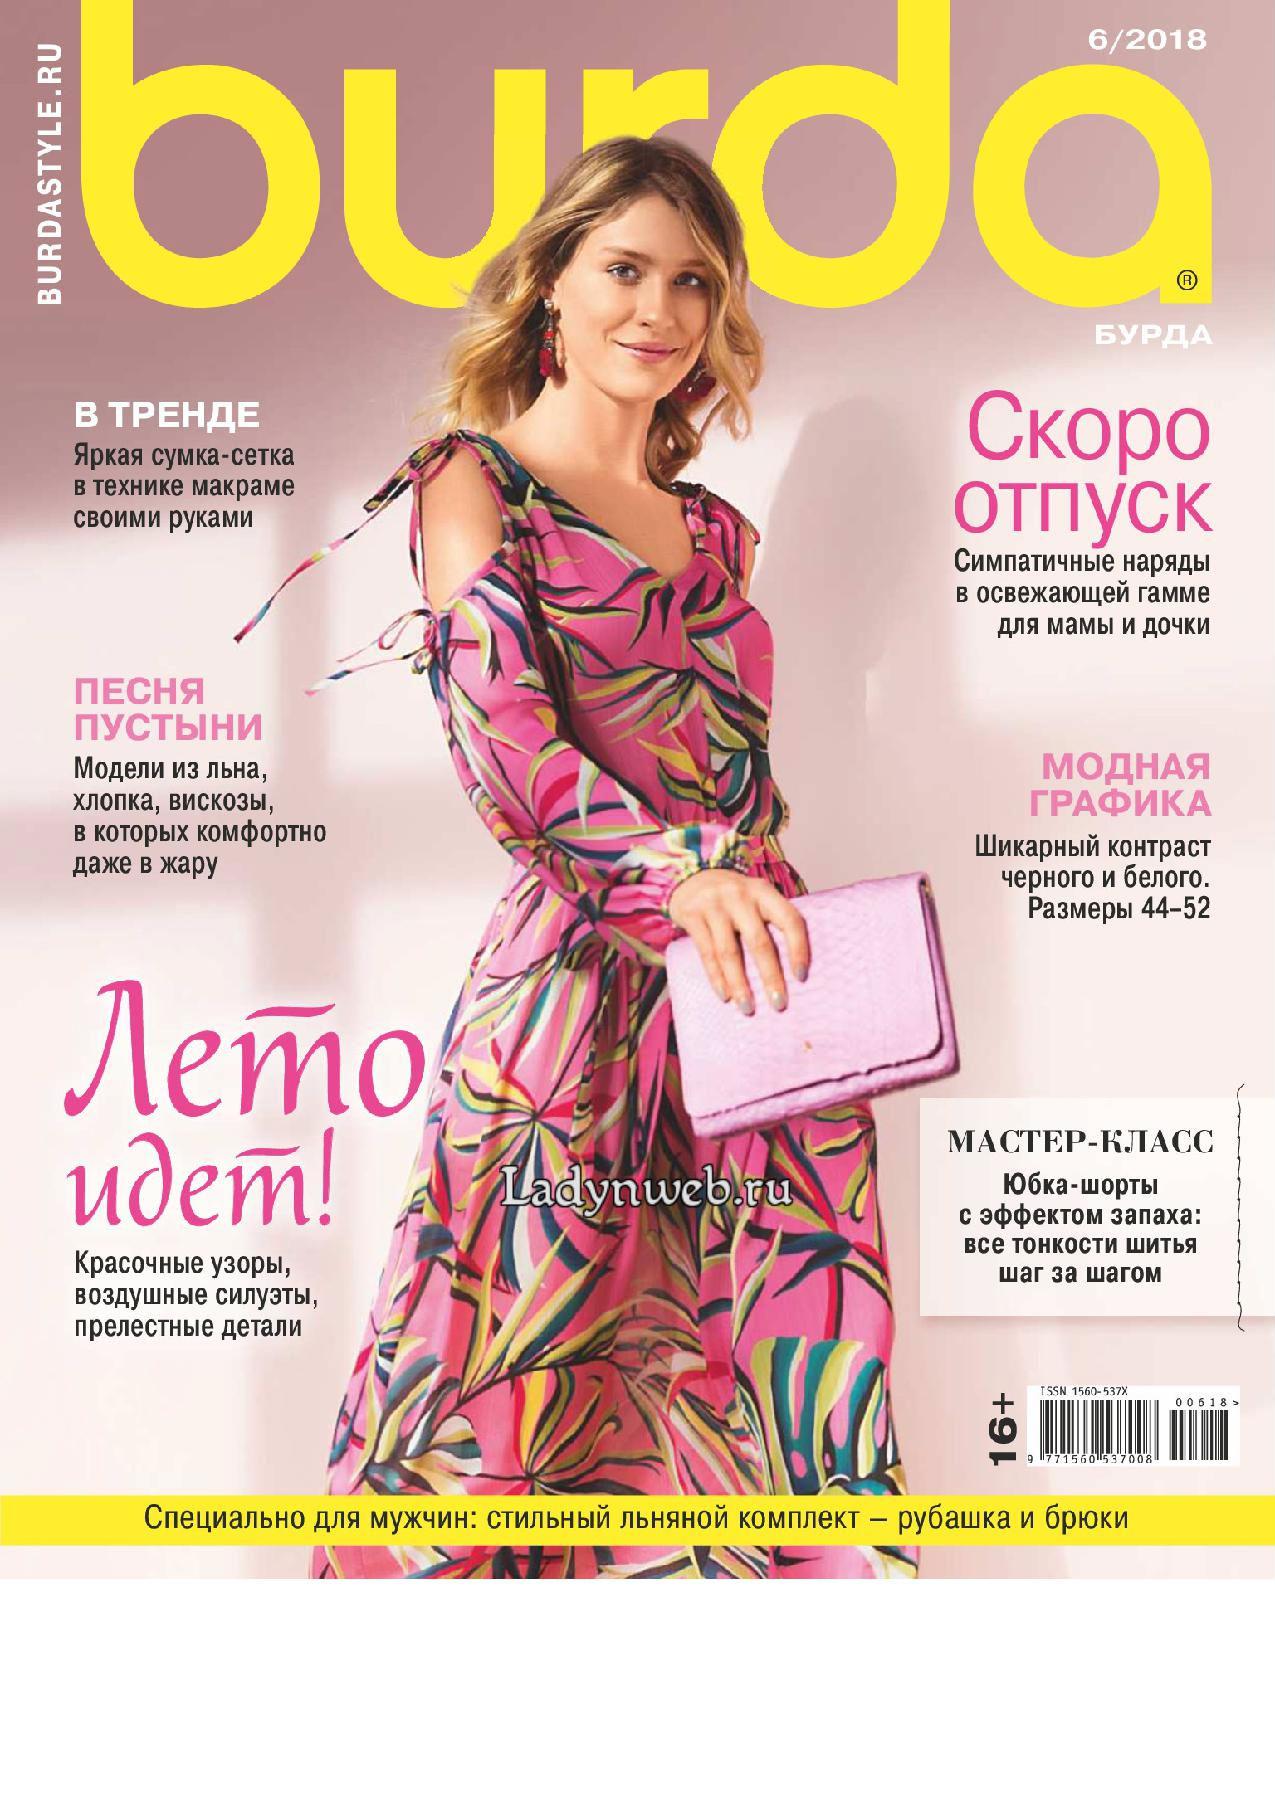 3dacdda6364f Журнал по шитью Burda №6 от 2018 года | Ladynweb.ru